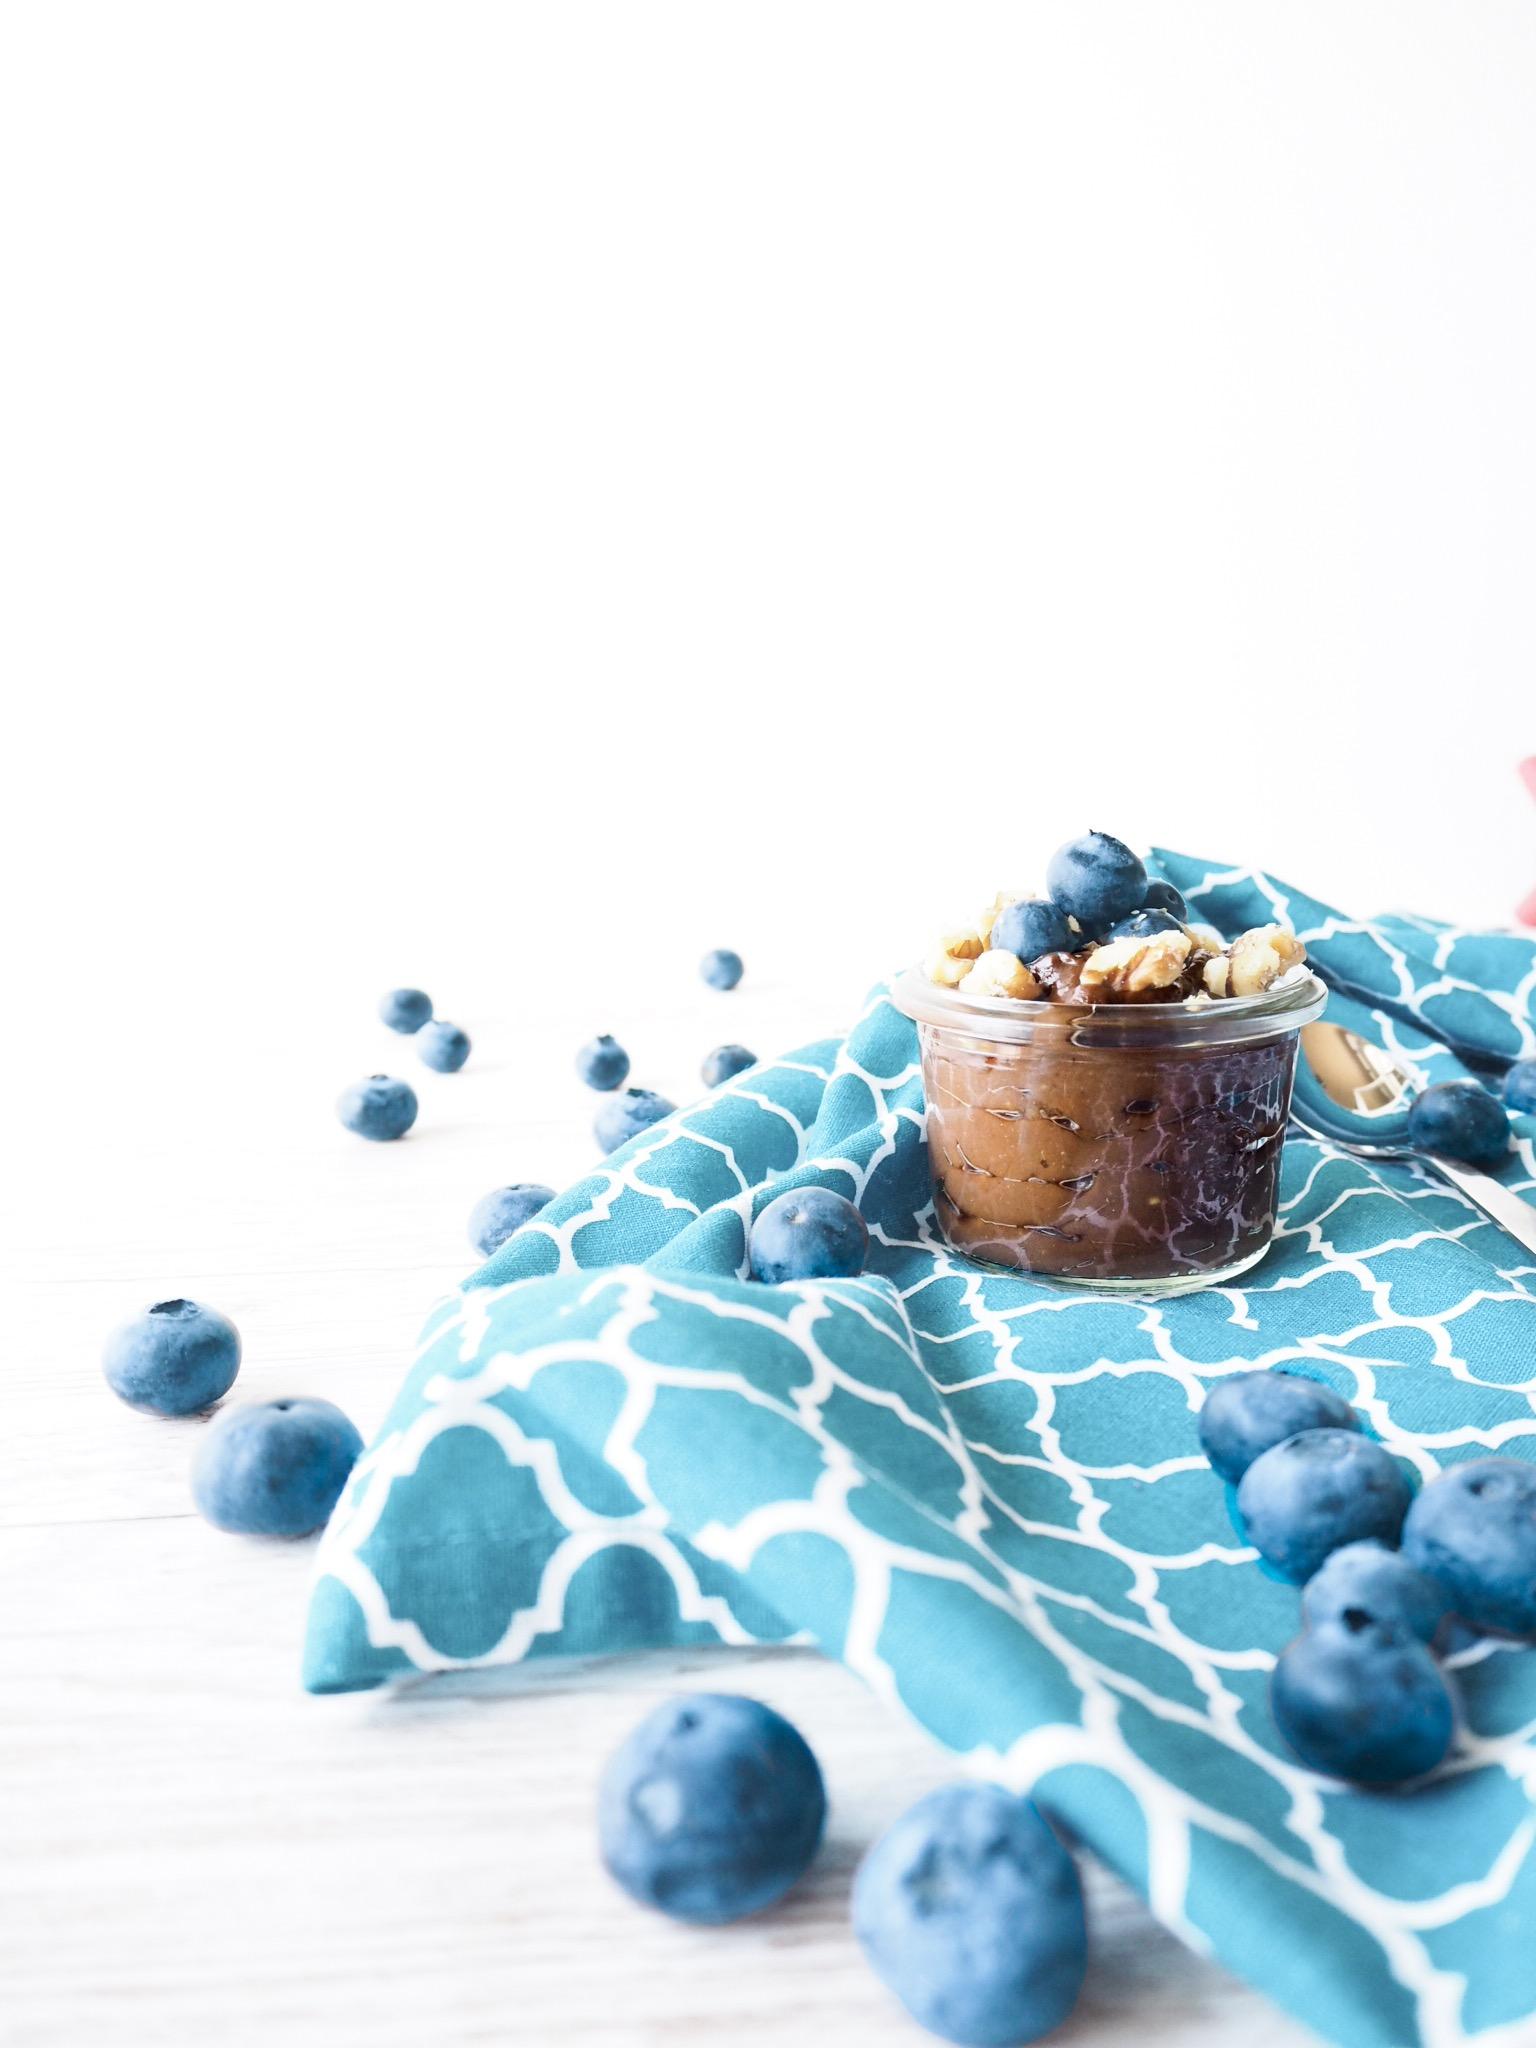 Veganer Schokopudding auf türkisem Küchentuch mit Blaubeeren als Deko drum herum